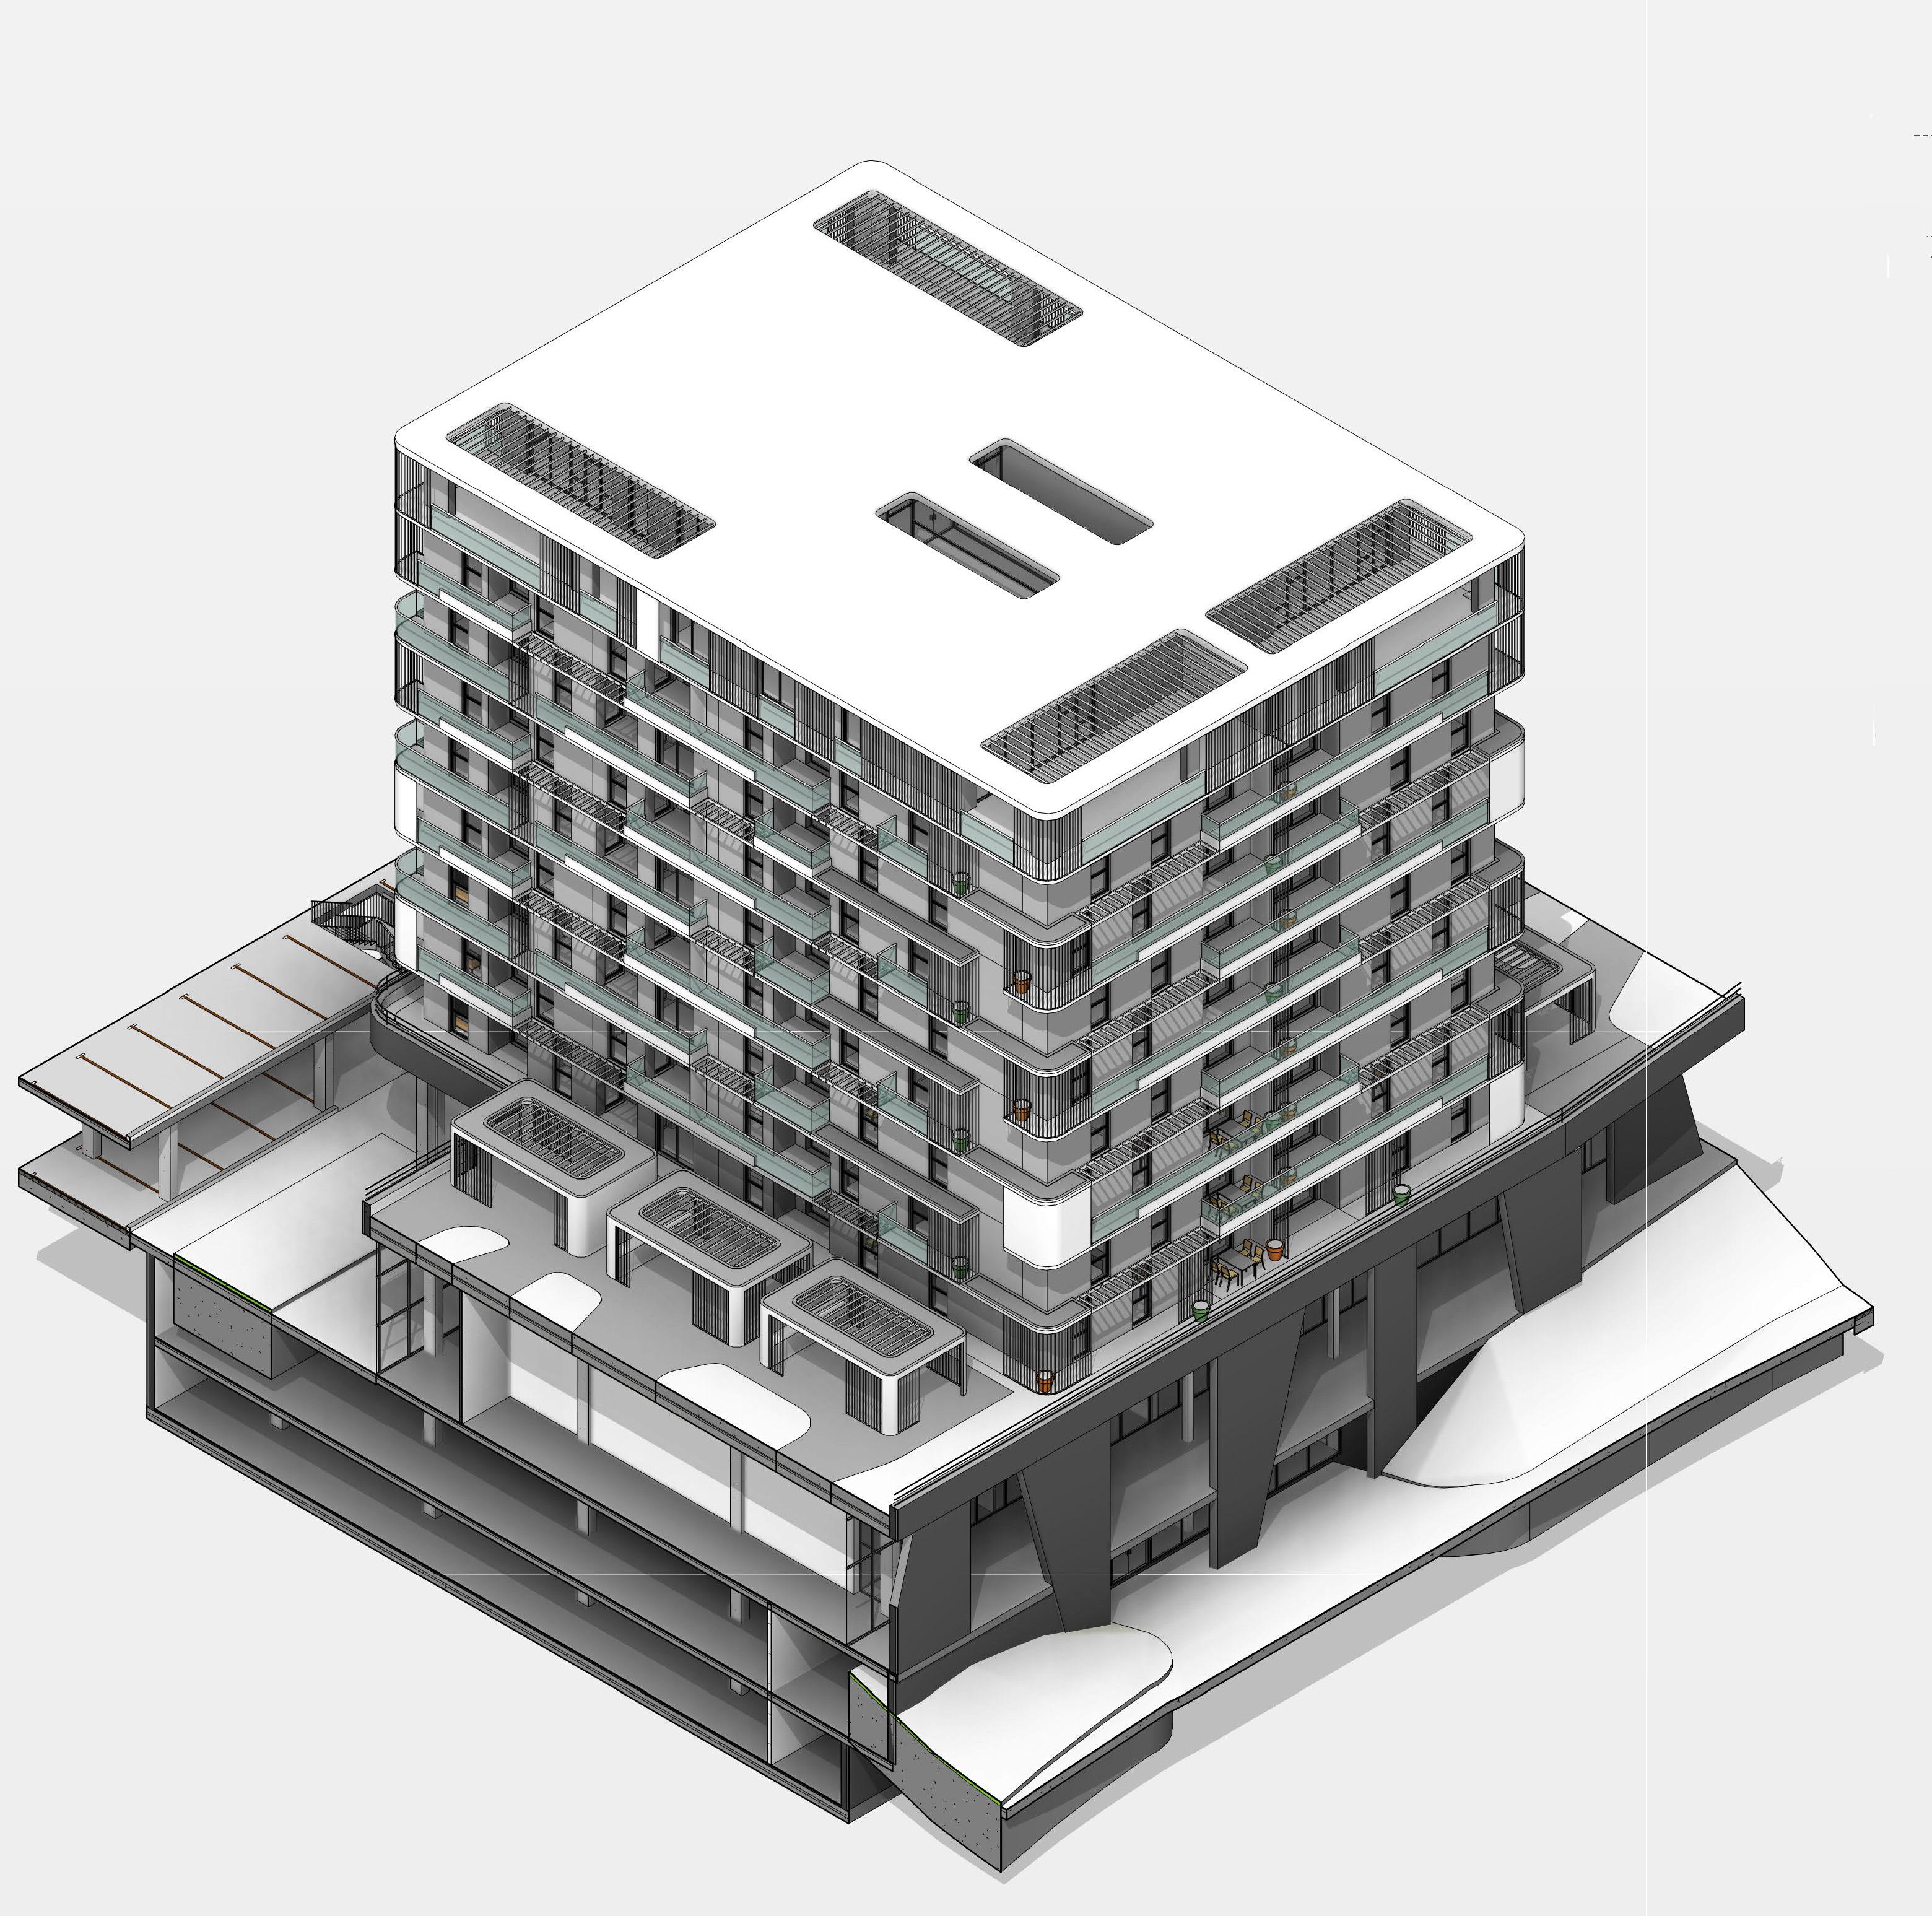 Wohn- und Geschäftsgebäude RIO